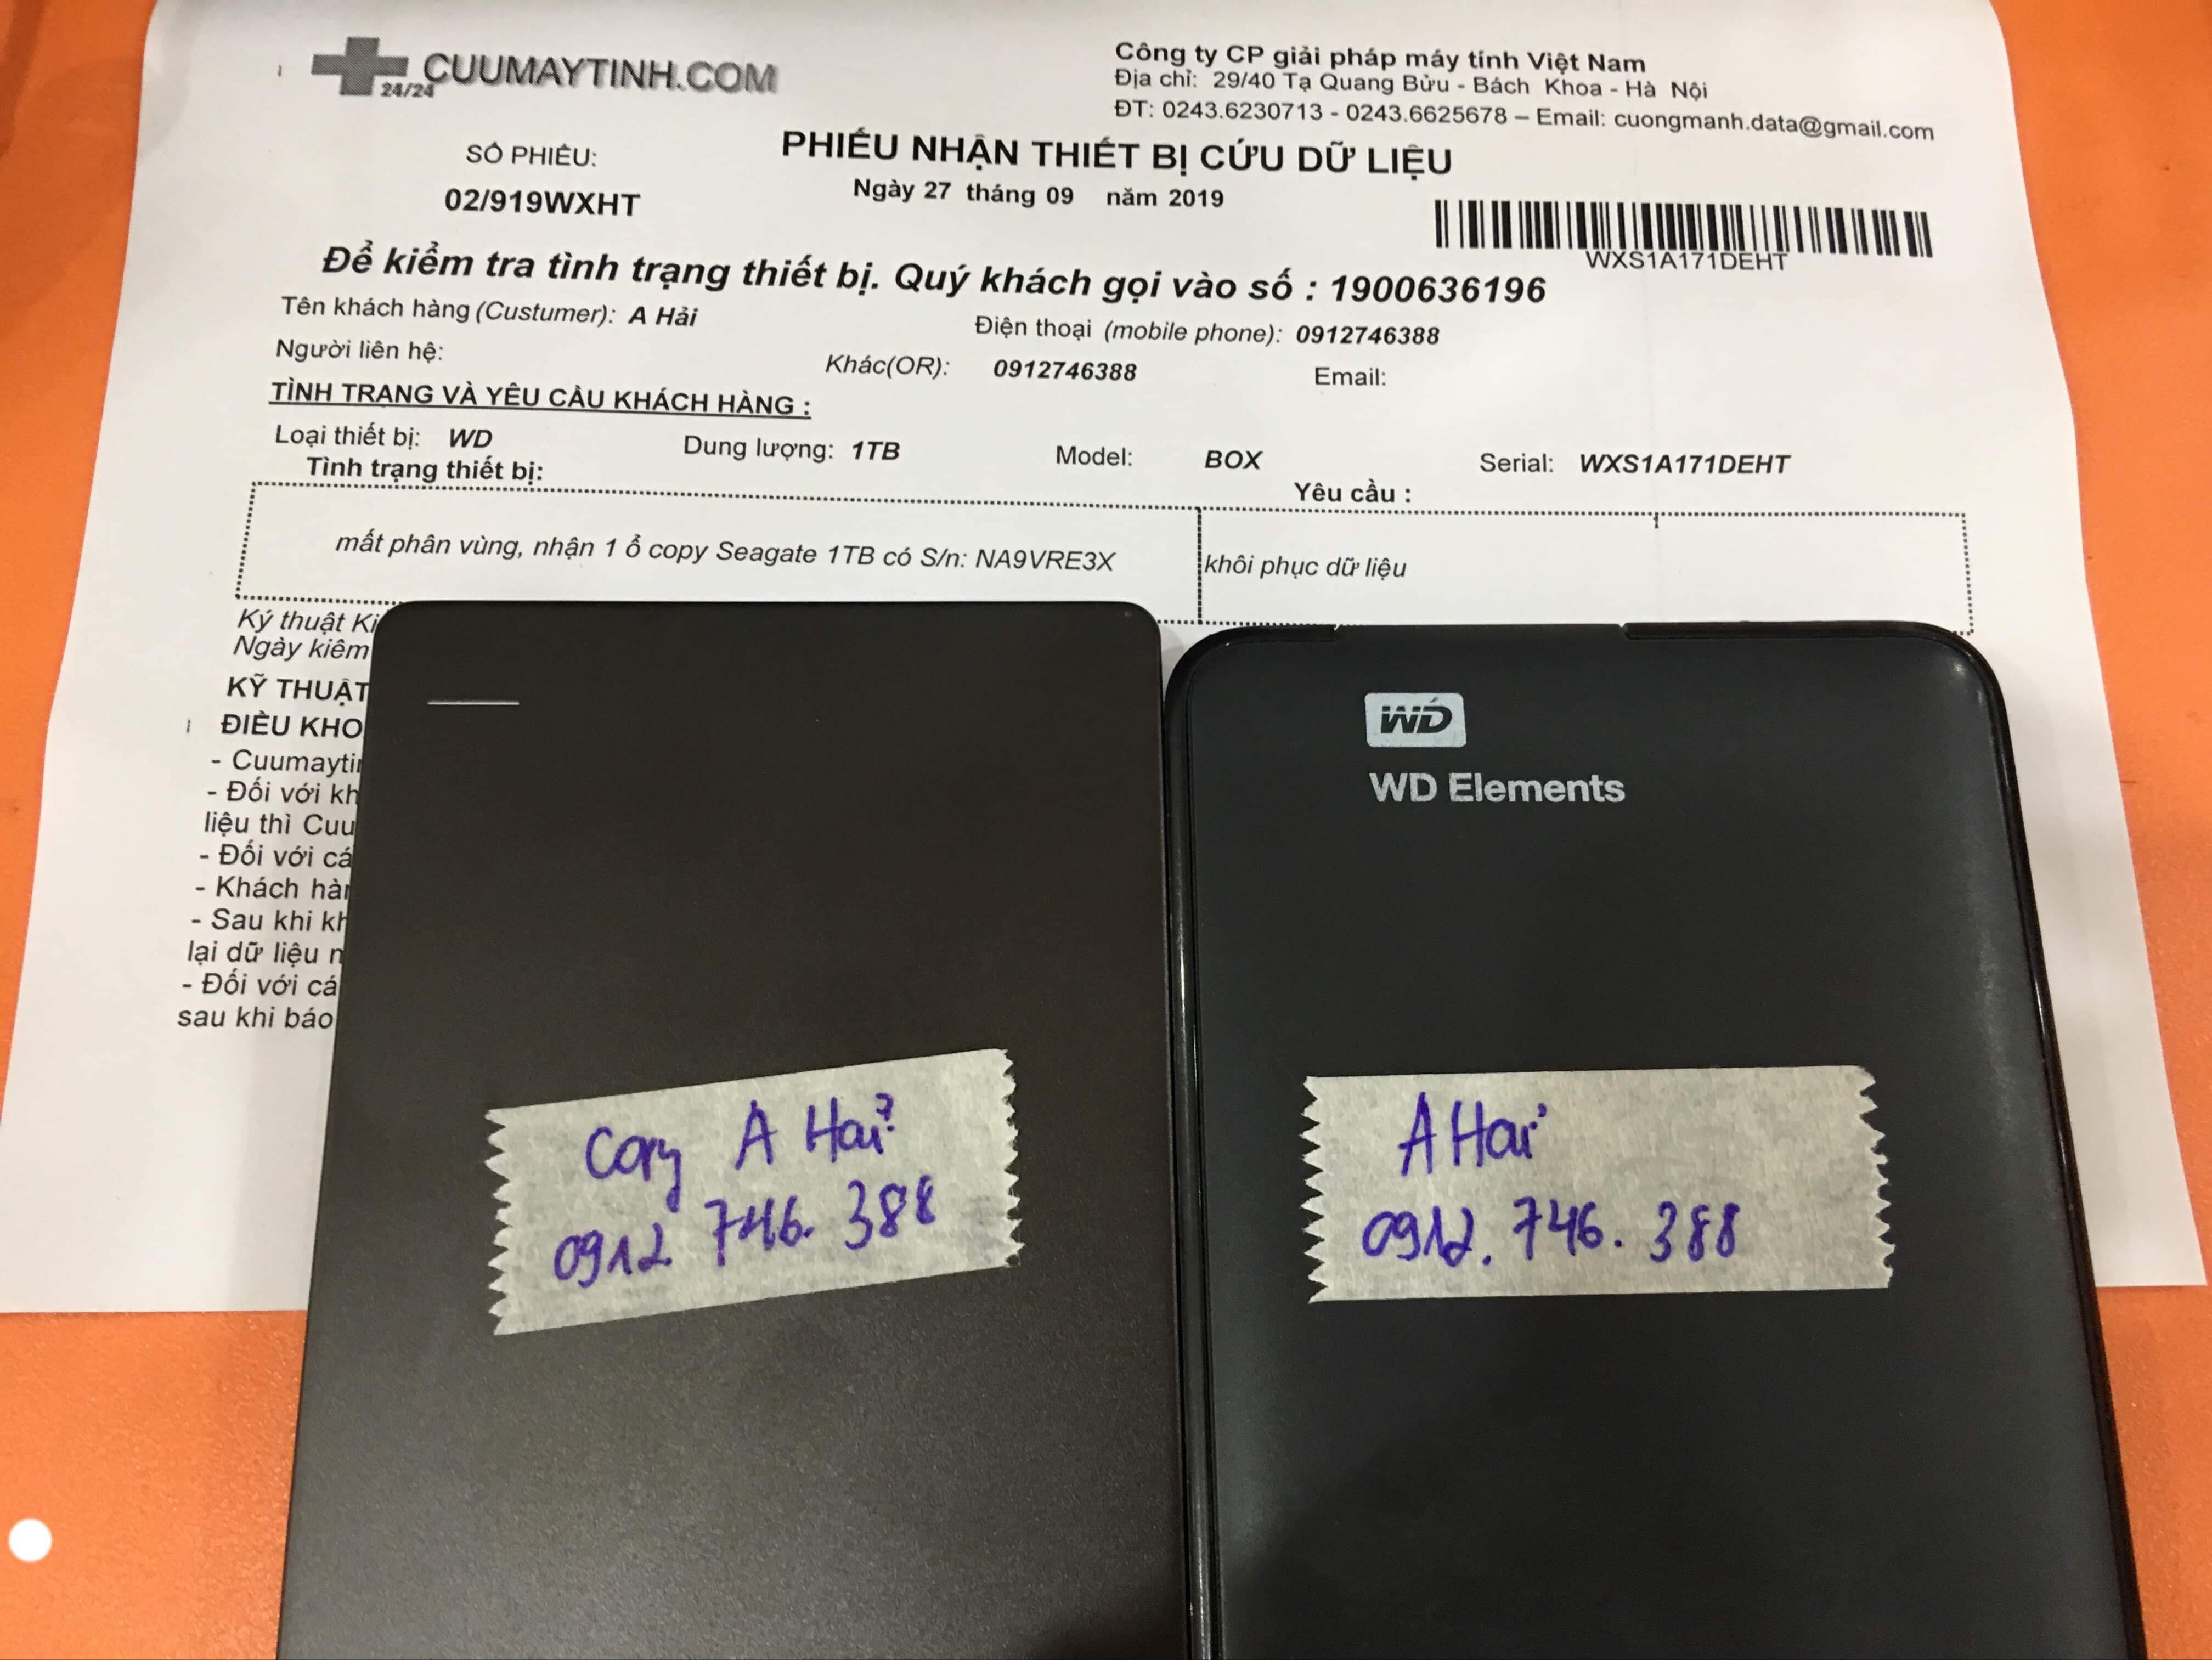 Lấy dữ liệu ổ cứng Western 1TB mất định dạng 27/09/2019 - cuumaytinh